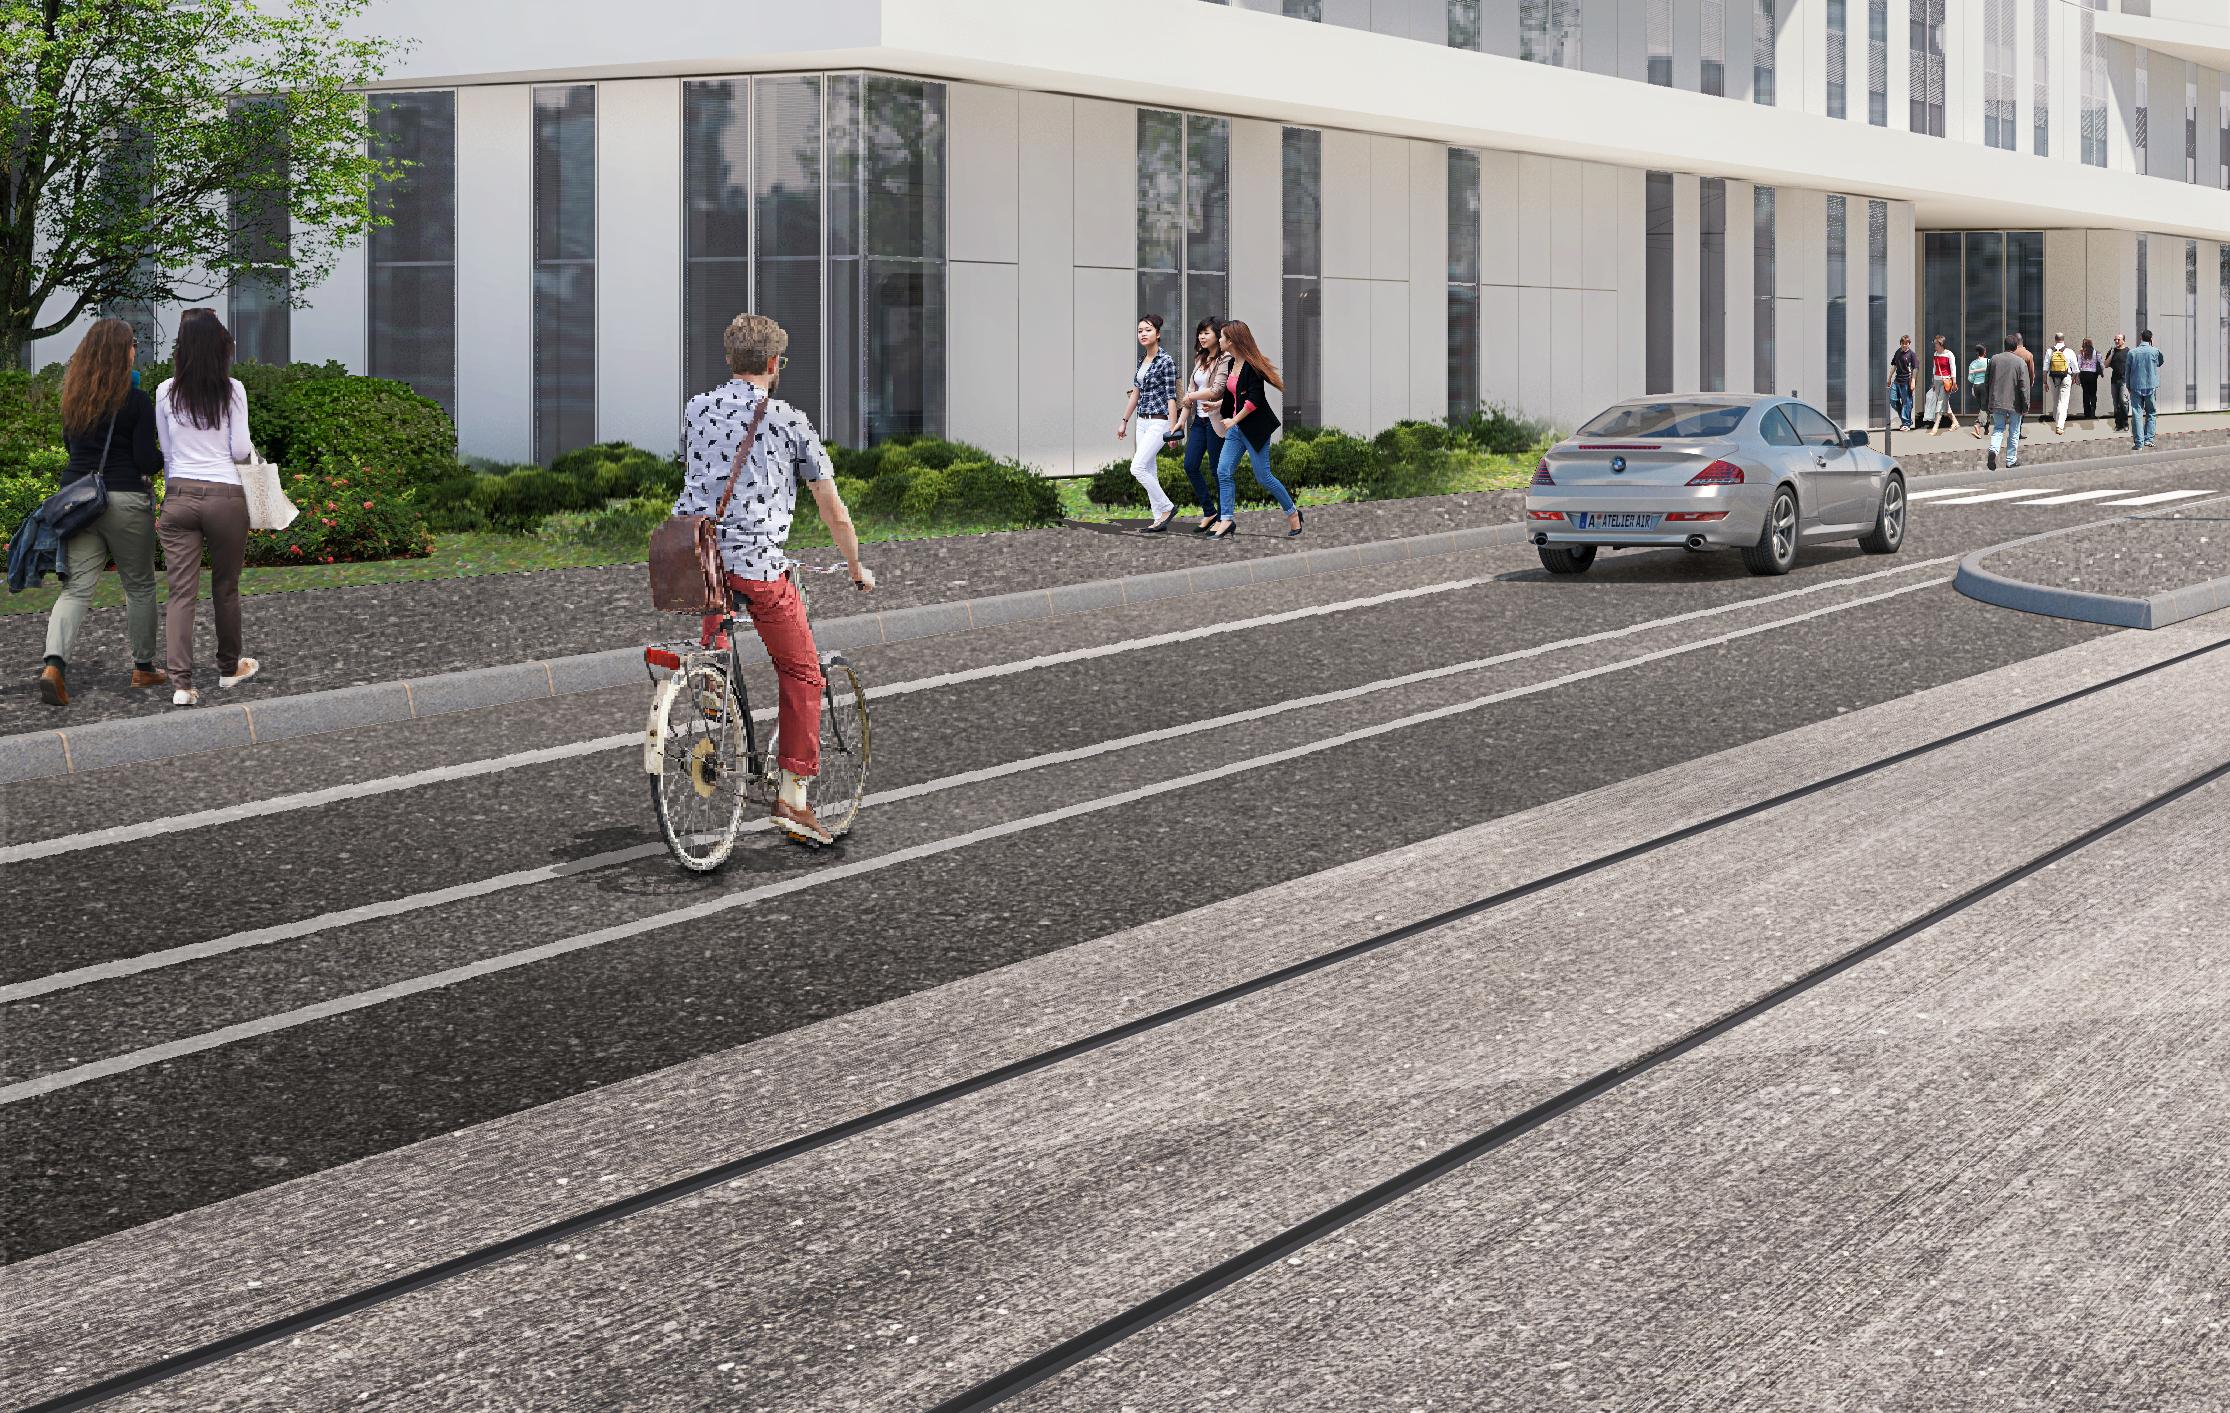 De nombreux itinéraires cyclables tout le long de l'itinéraire du prolongement du tram T8